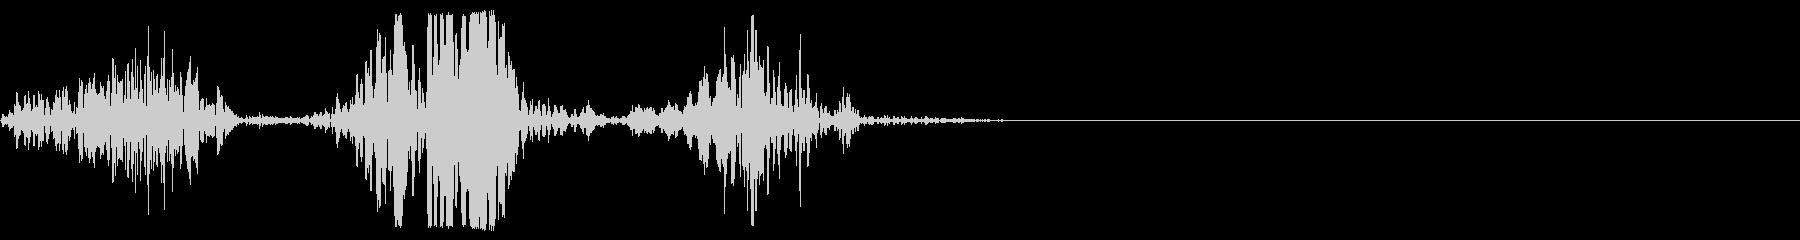 ロットワイラー犬の悪質な樹皮x3の未再生の波形